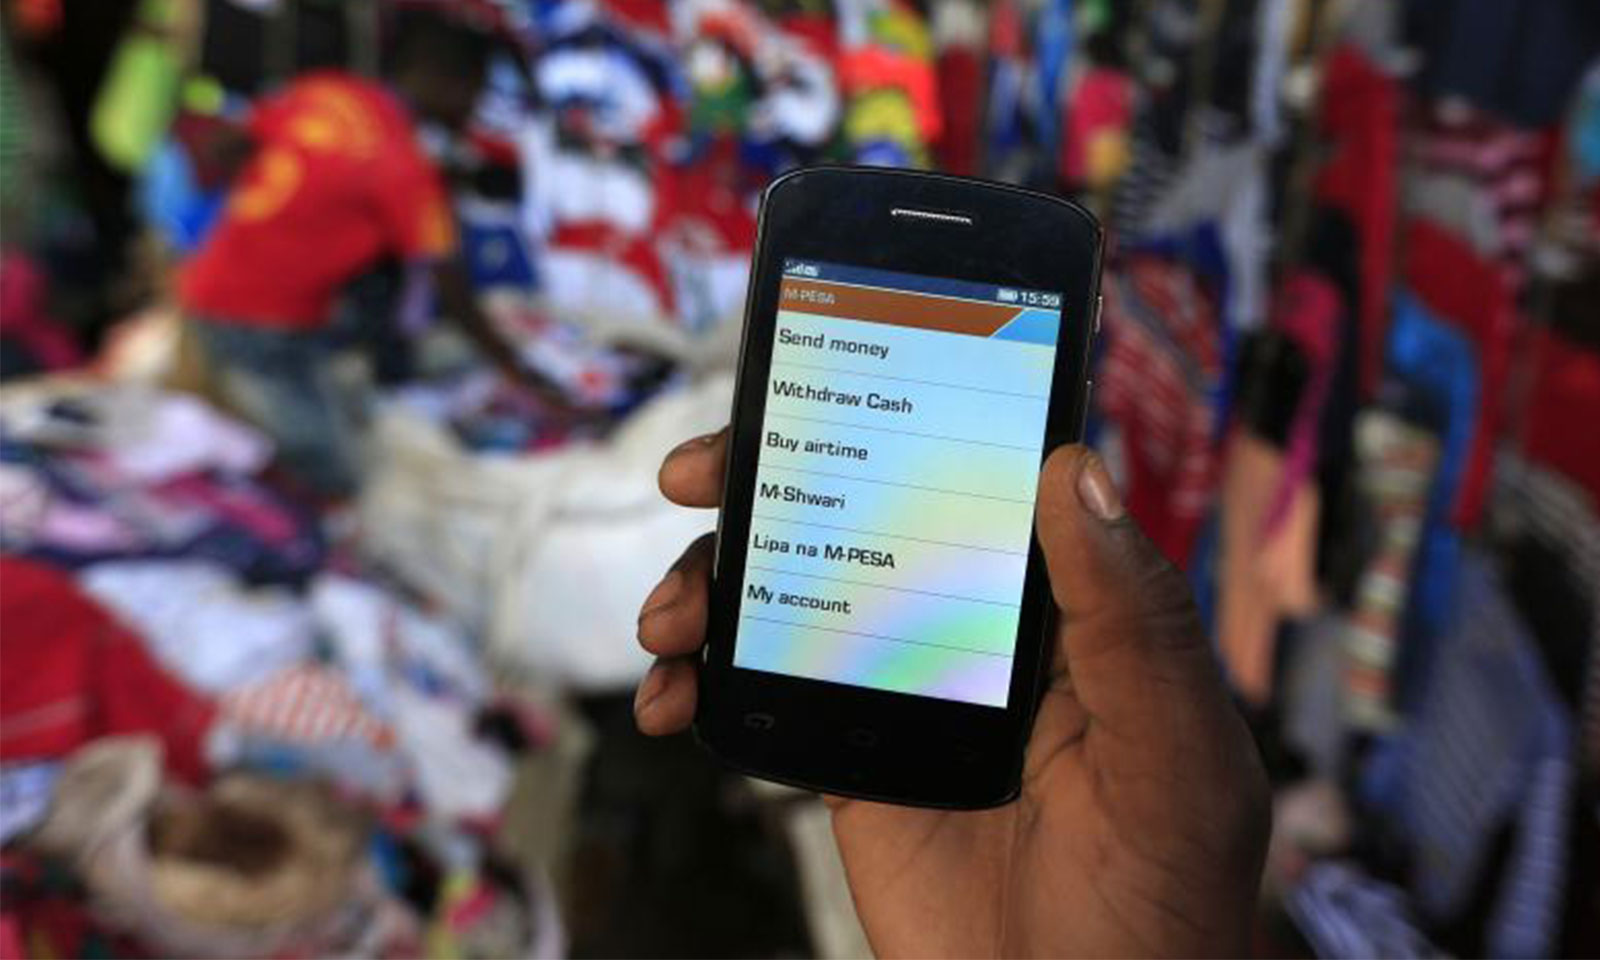 Le porte-monnaie électronique bientôt opérationnel à Madagascar